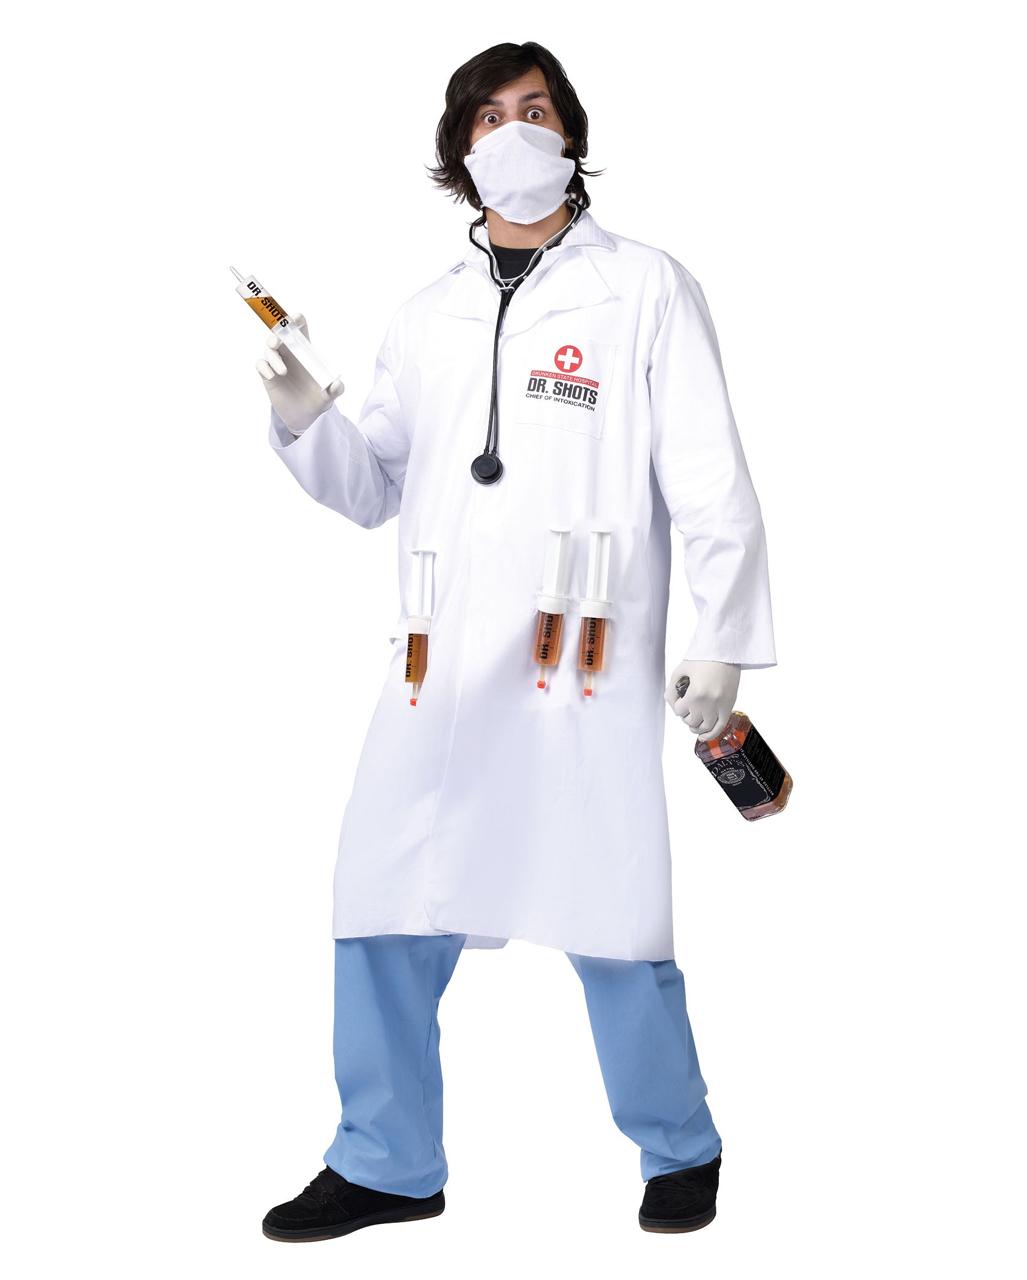 Dr Shots Arzt Kostum Weisser Doktor Kittel Als Party Kostum